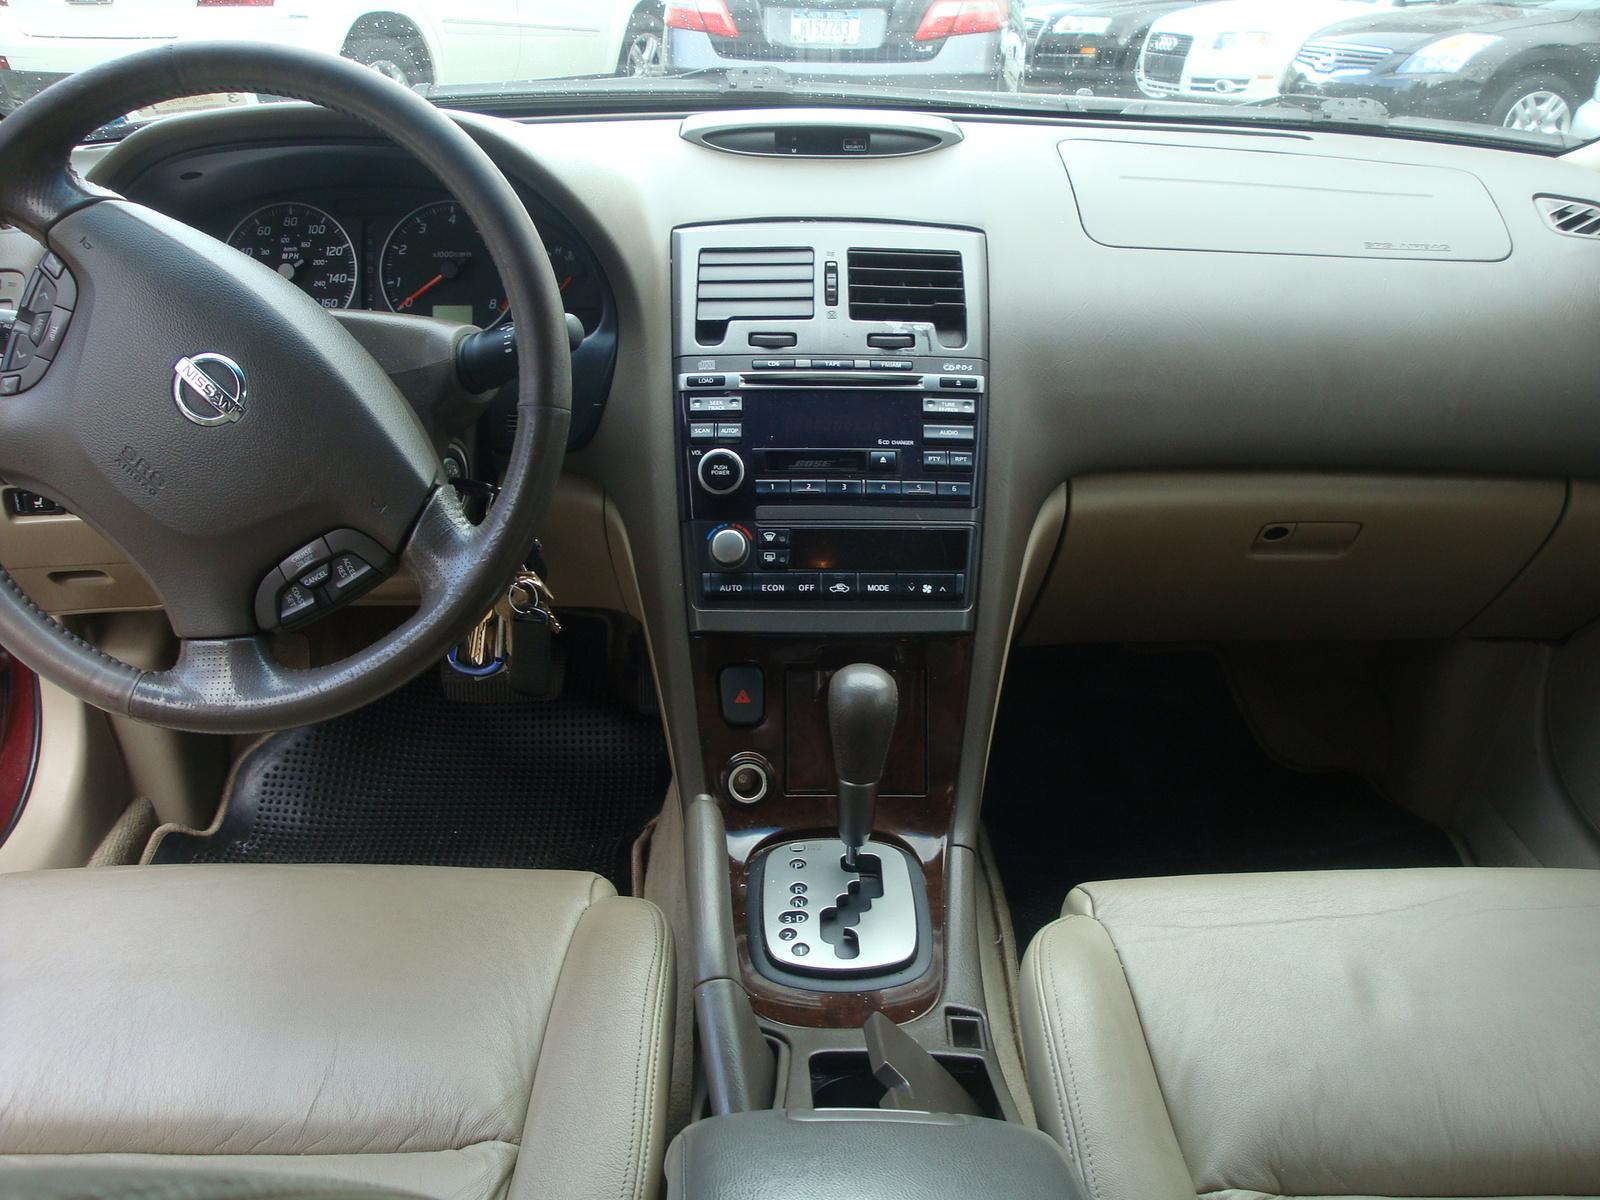 2003 Nissan Maxima Interior Pictures Cargurus